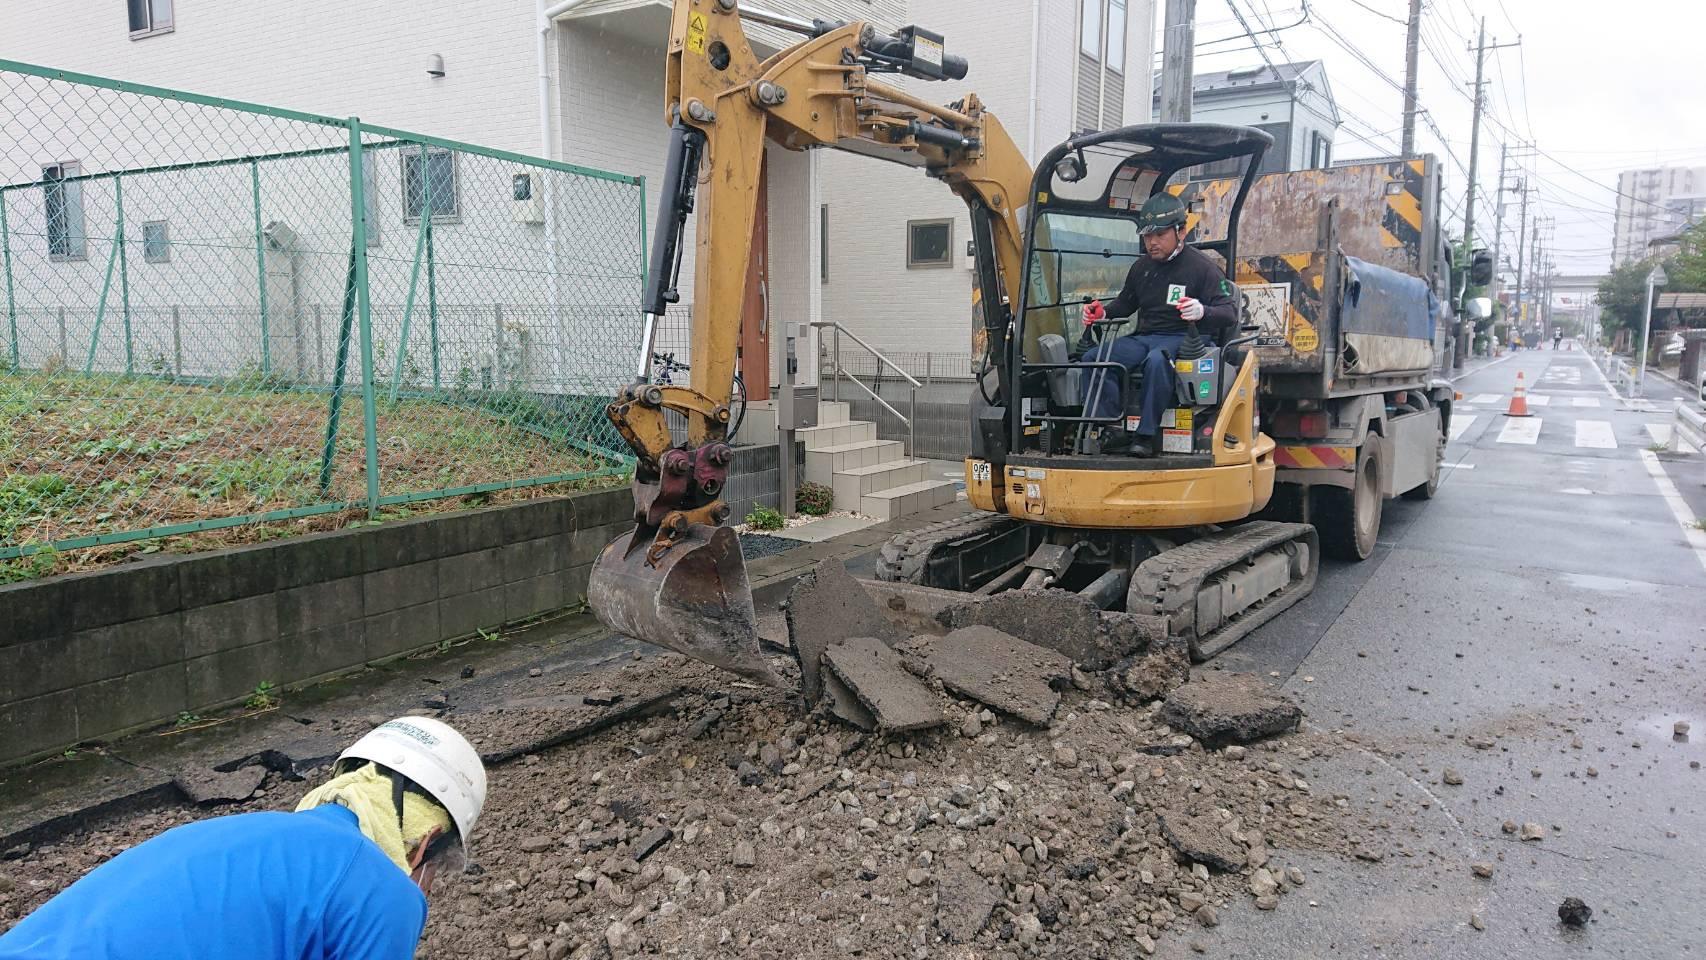 足立区内 舗装打ち換え工事(2日間)